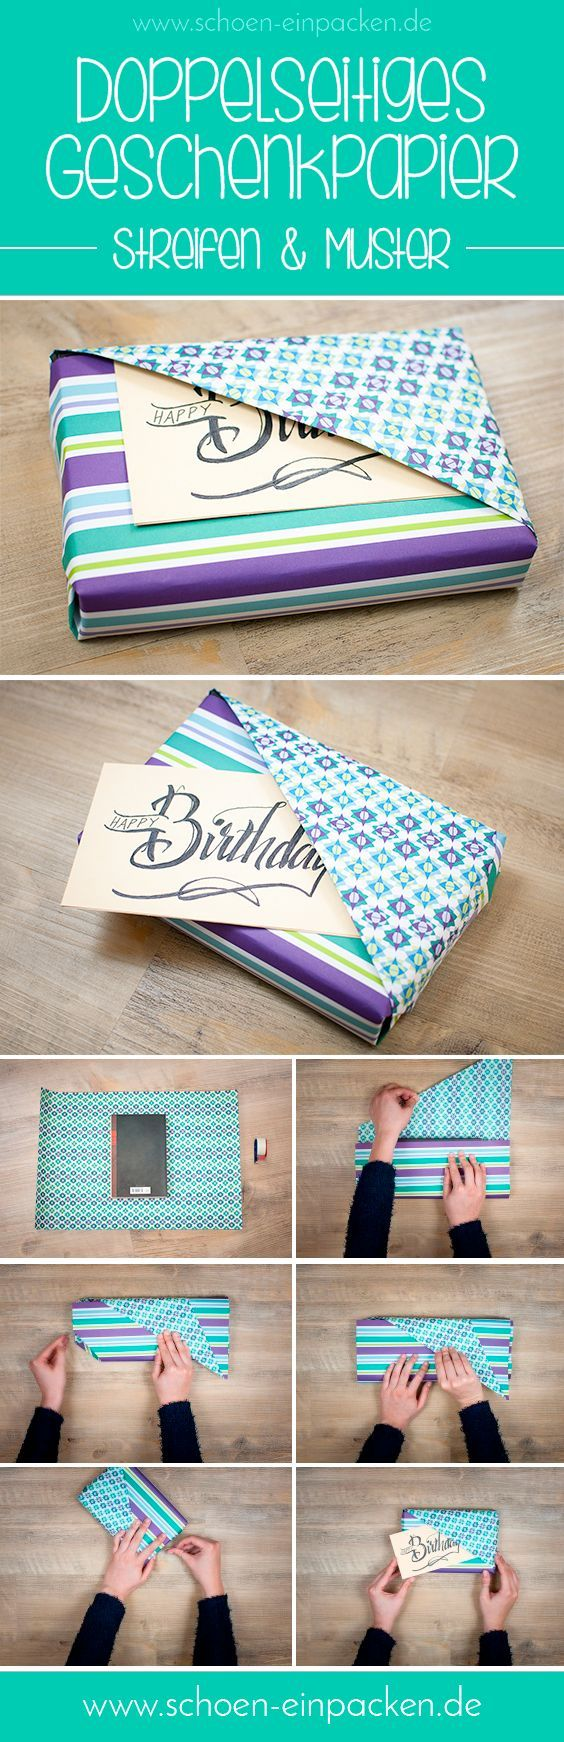 Wie du deinen Beschenkten ganz einfach durch eine tolle Verpackung glücklich machen kannst. #Geschenk #Verpacken #DIY #Glück